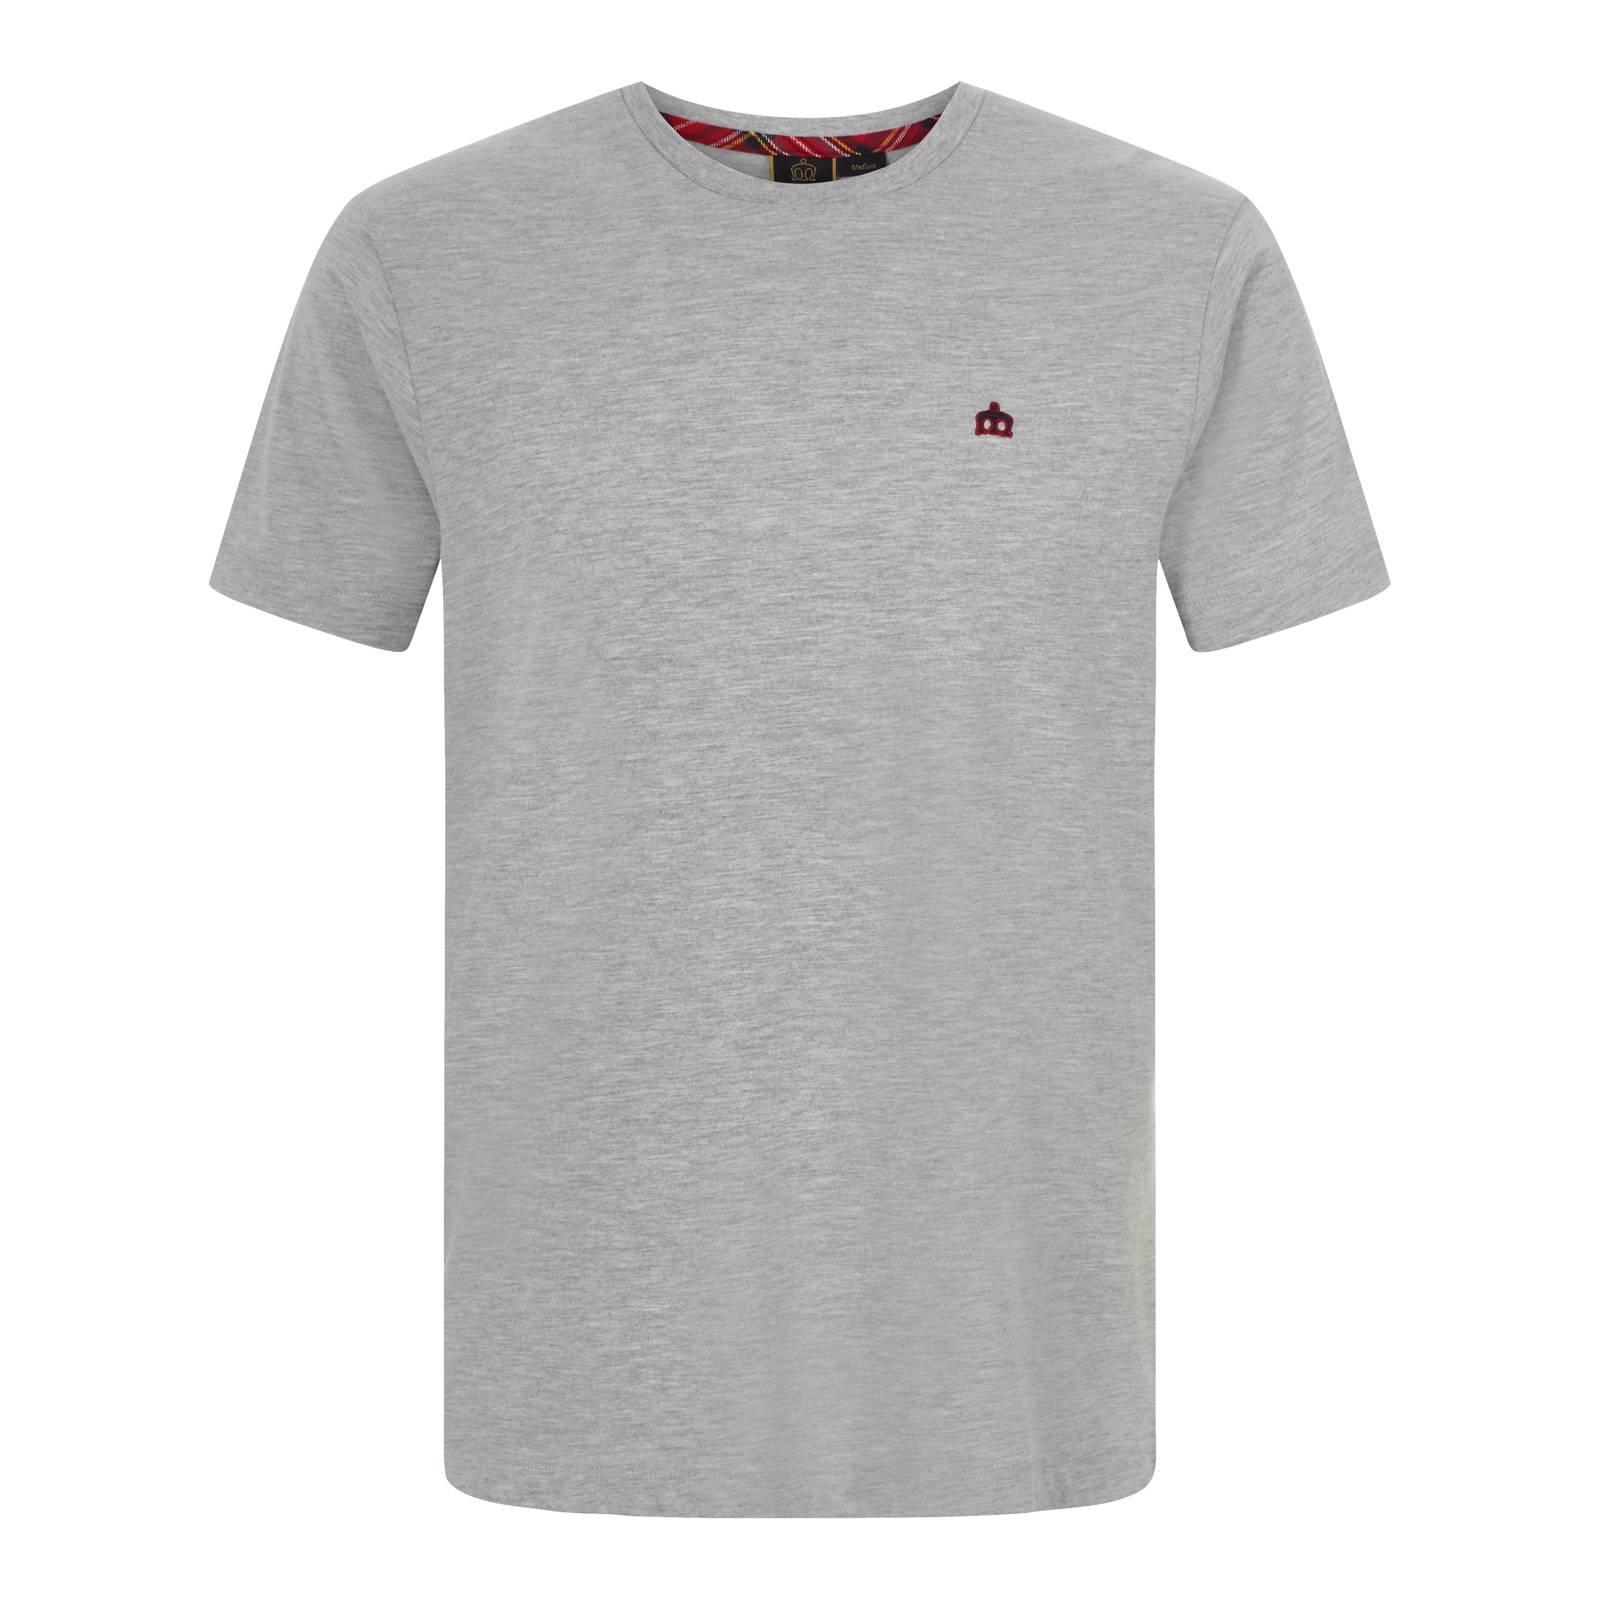 Футболка KeyportCORE<br>Однотонная мужская футболка с вышитым на груди контрастным логотипом Корона – редкий экземпляр футболок без активных надписей и аппликаций – должна прийтись по душе любителям максимально лаконичного дизайна даже в традиционно наименее формальных предметах мужского гардероба. Также отлично подойдет в качестве поддёвки под свитер, олимпийку или кардиган.<br><br>Артикул: 1715112<br>Материал: 100% хлопок<br>Цвет: светлый серый<br>Пол: Мужской